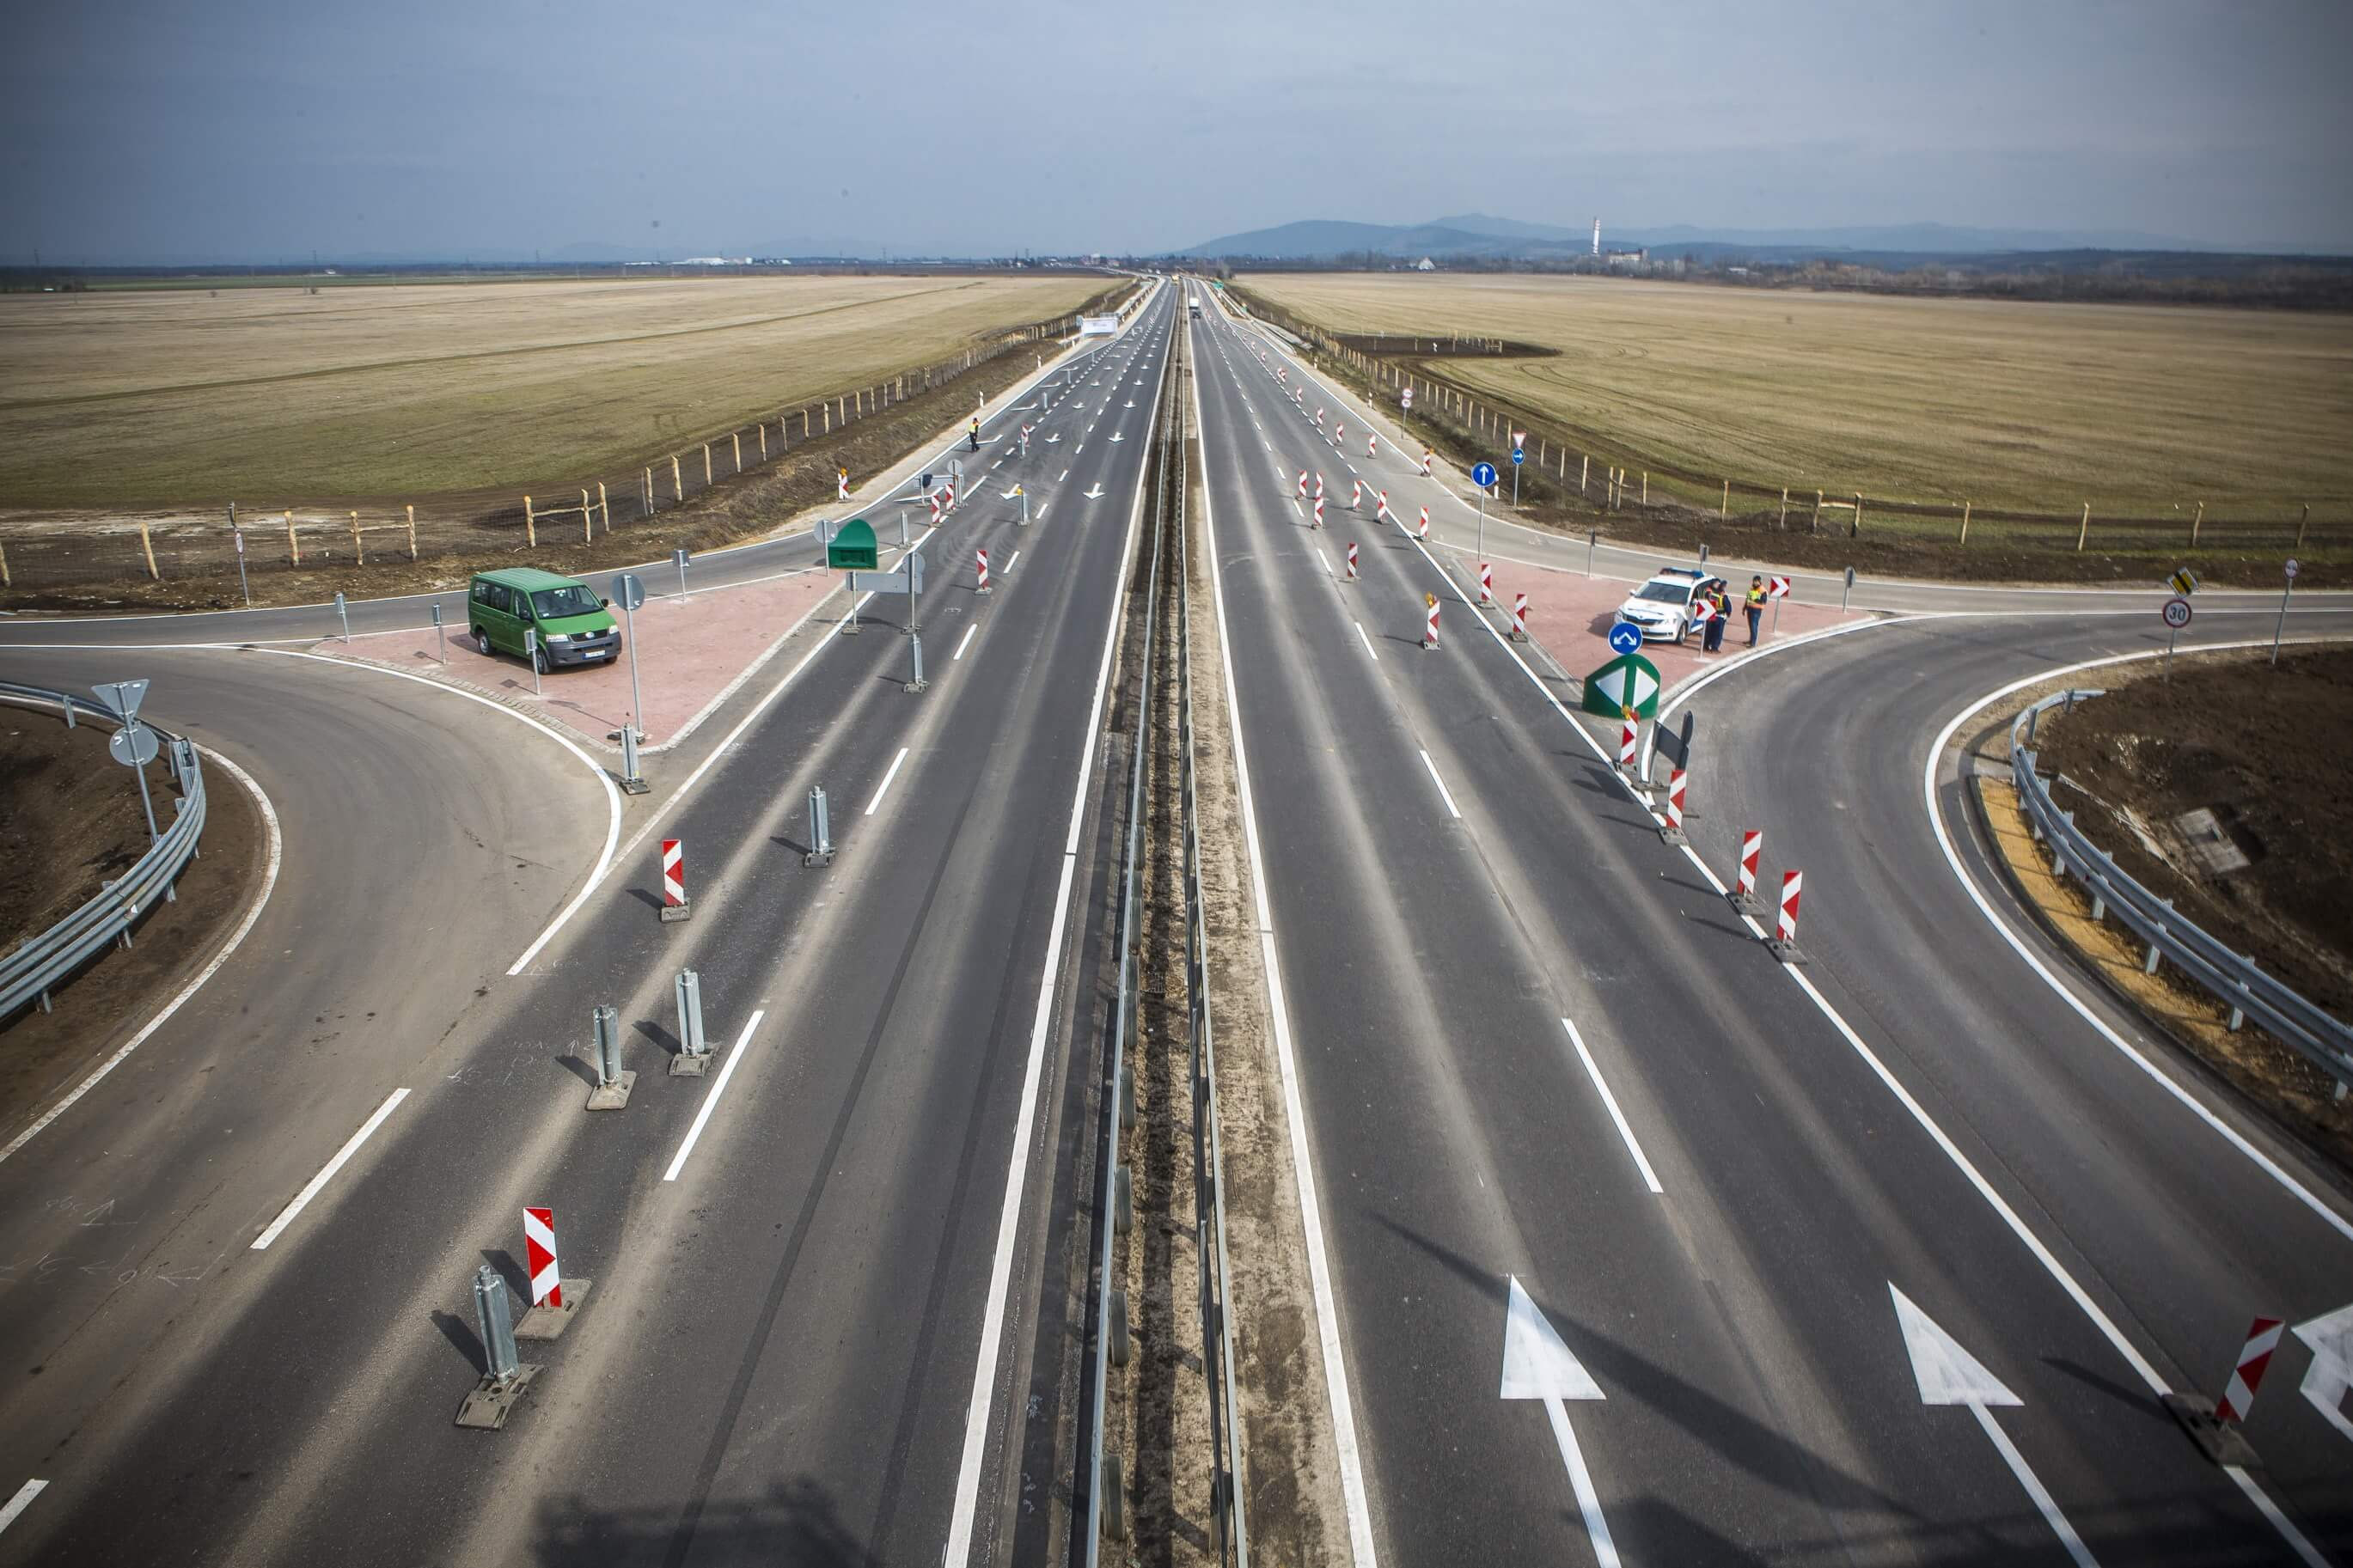 Elkészültek a négysávos 21-es főút legújabb szakaszával Hatvannál